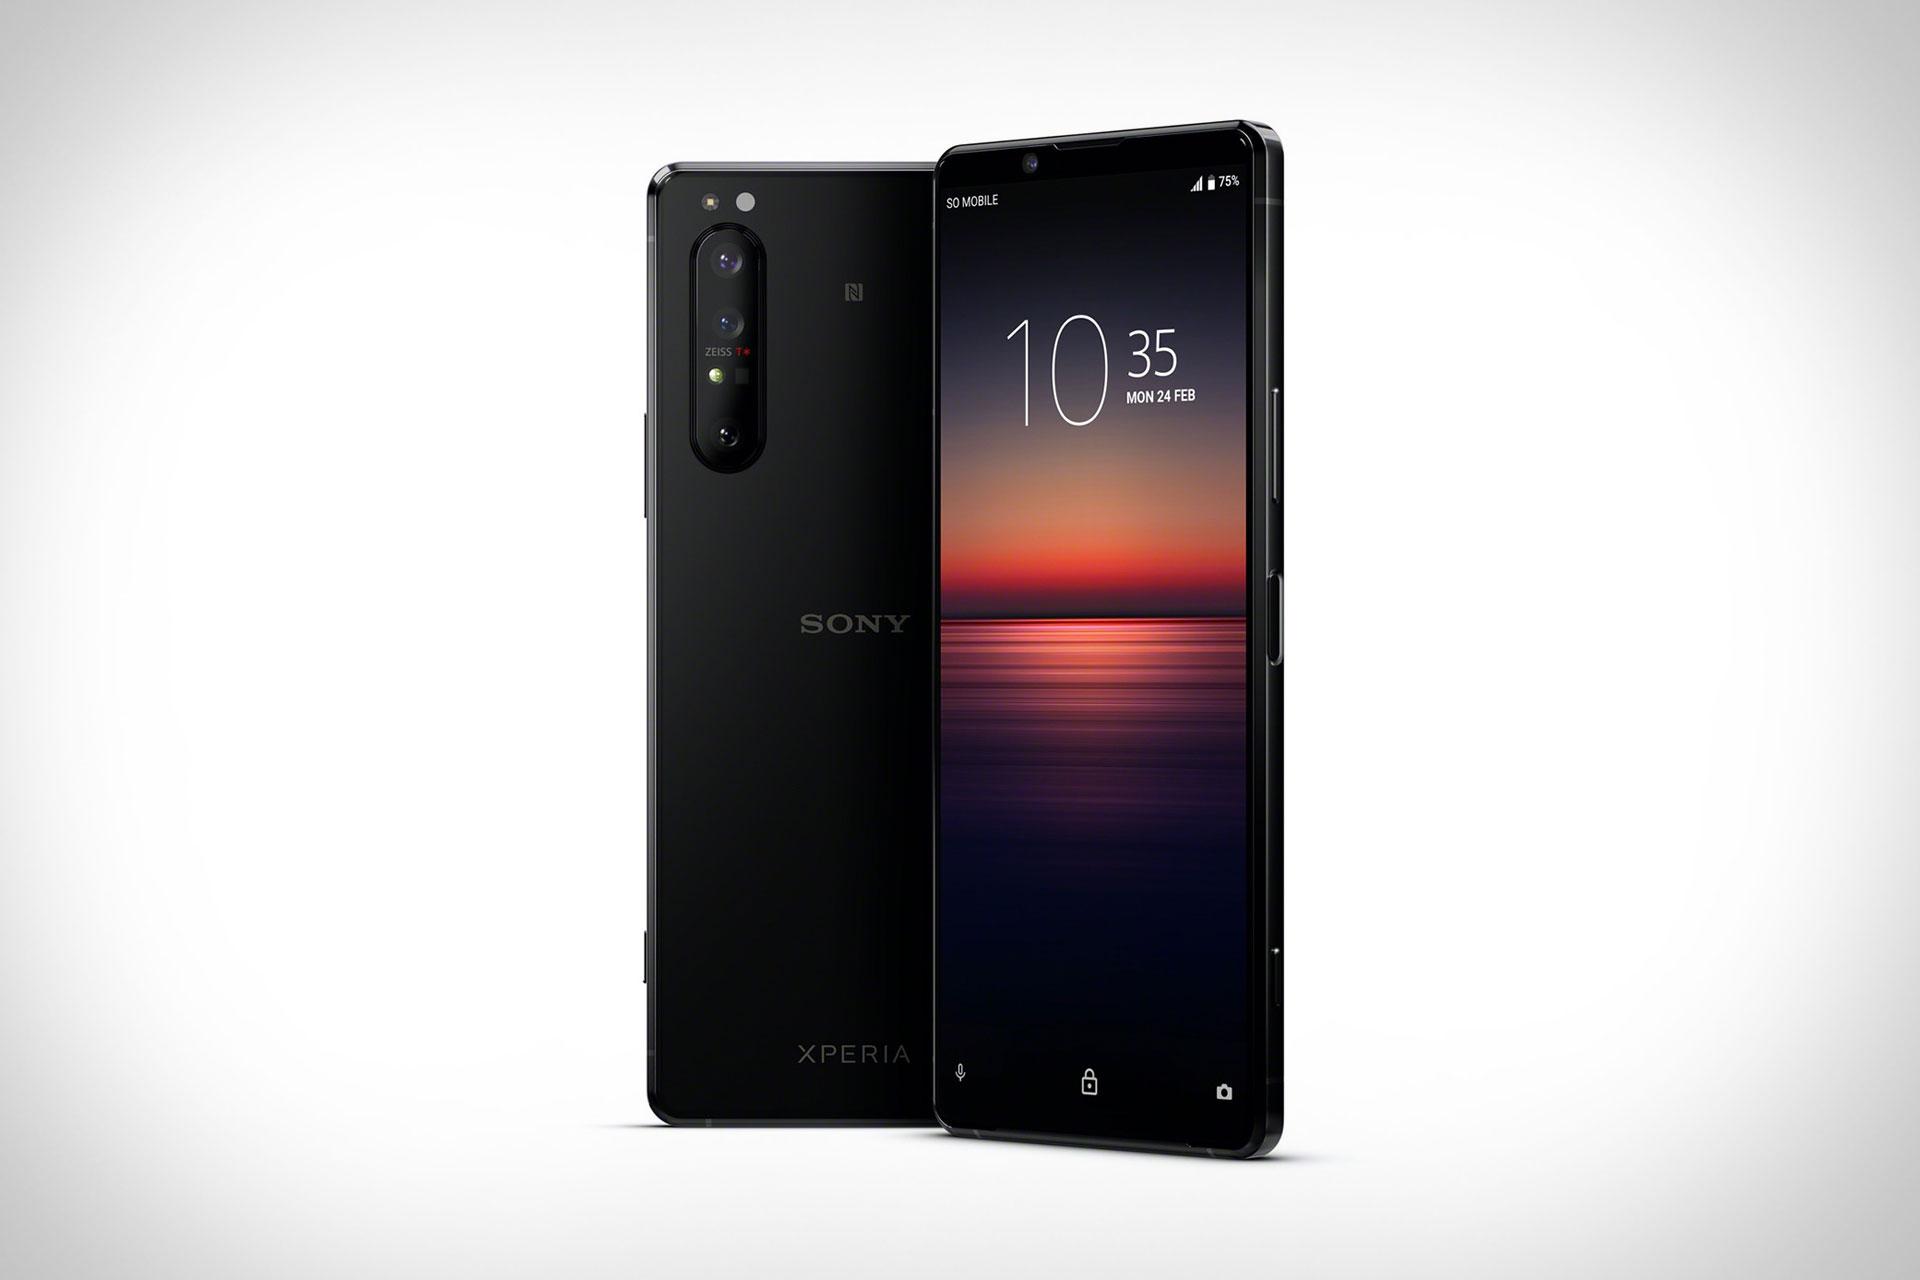 Sony Xperia 1 Mk II Smartphone